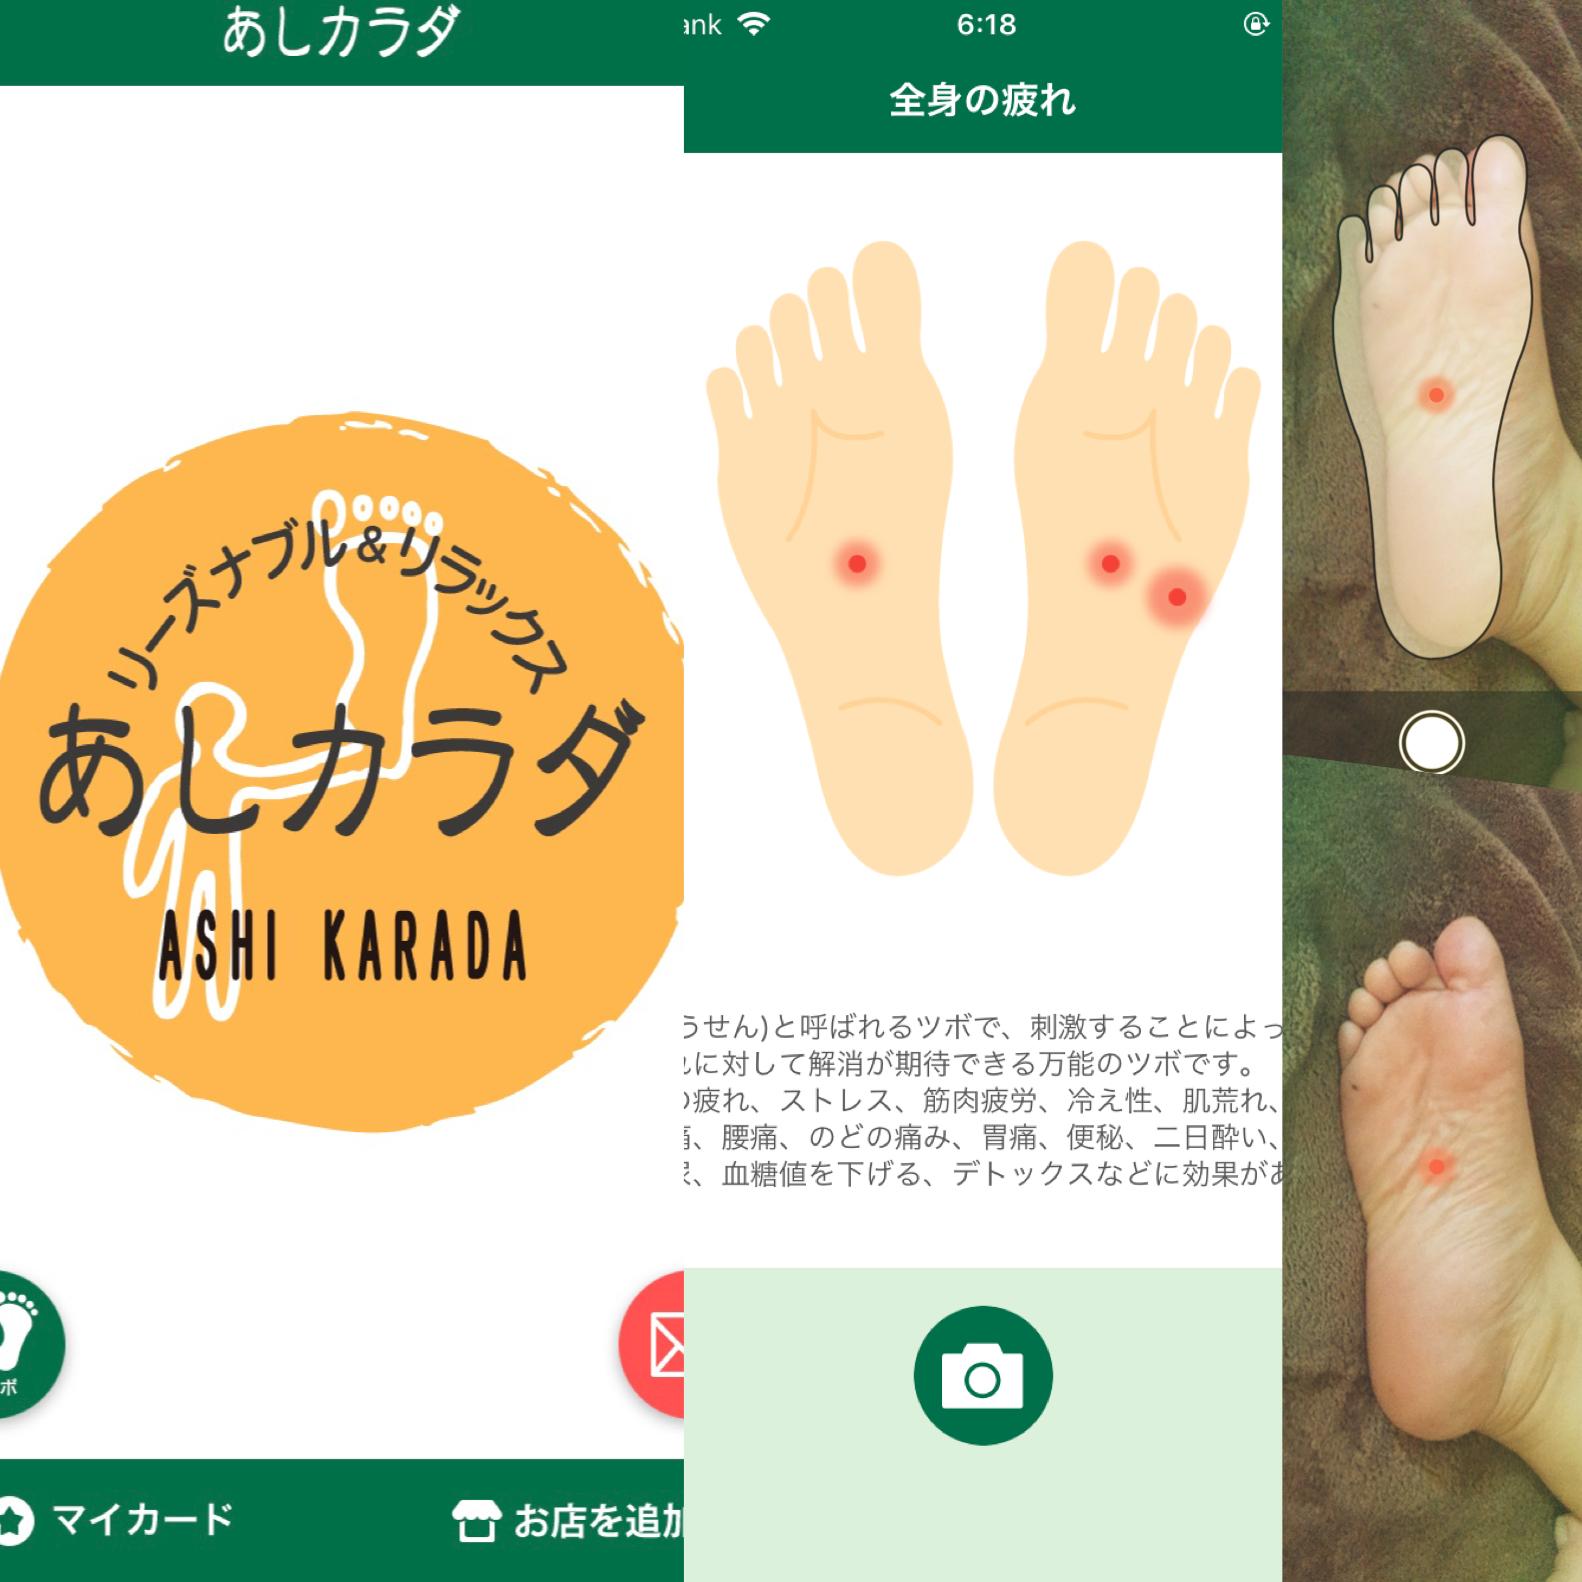 あしカラダアプリ